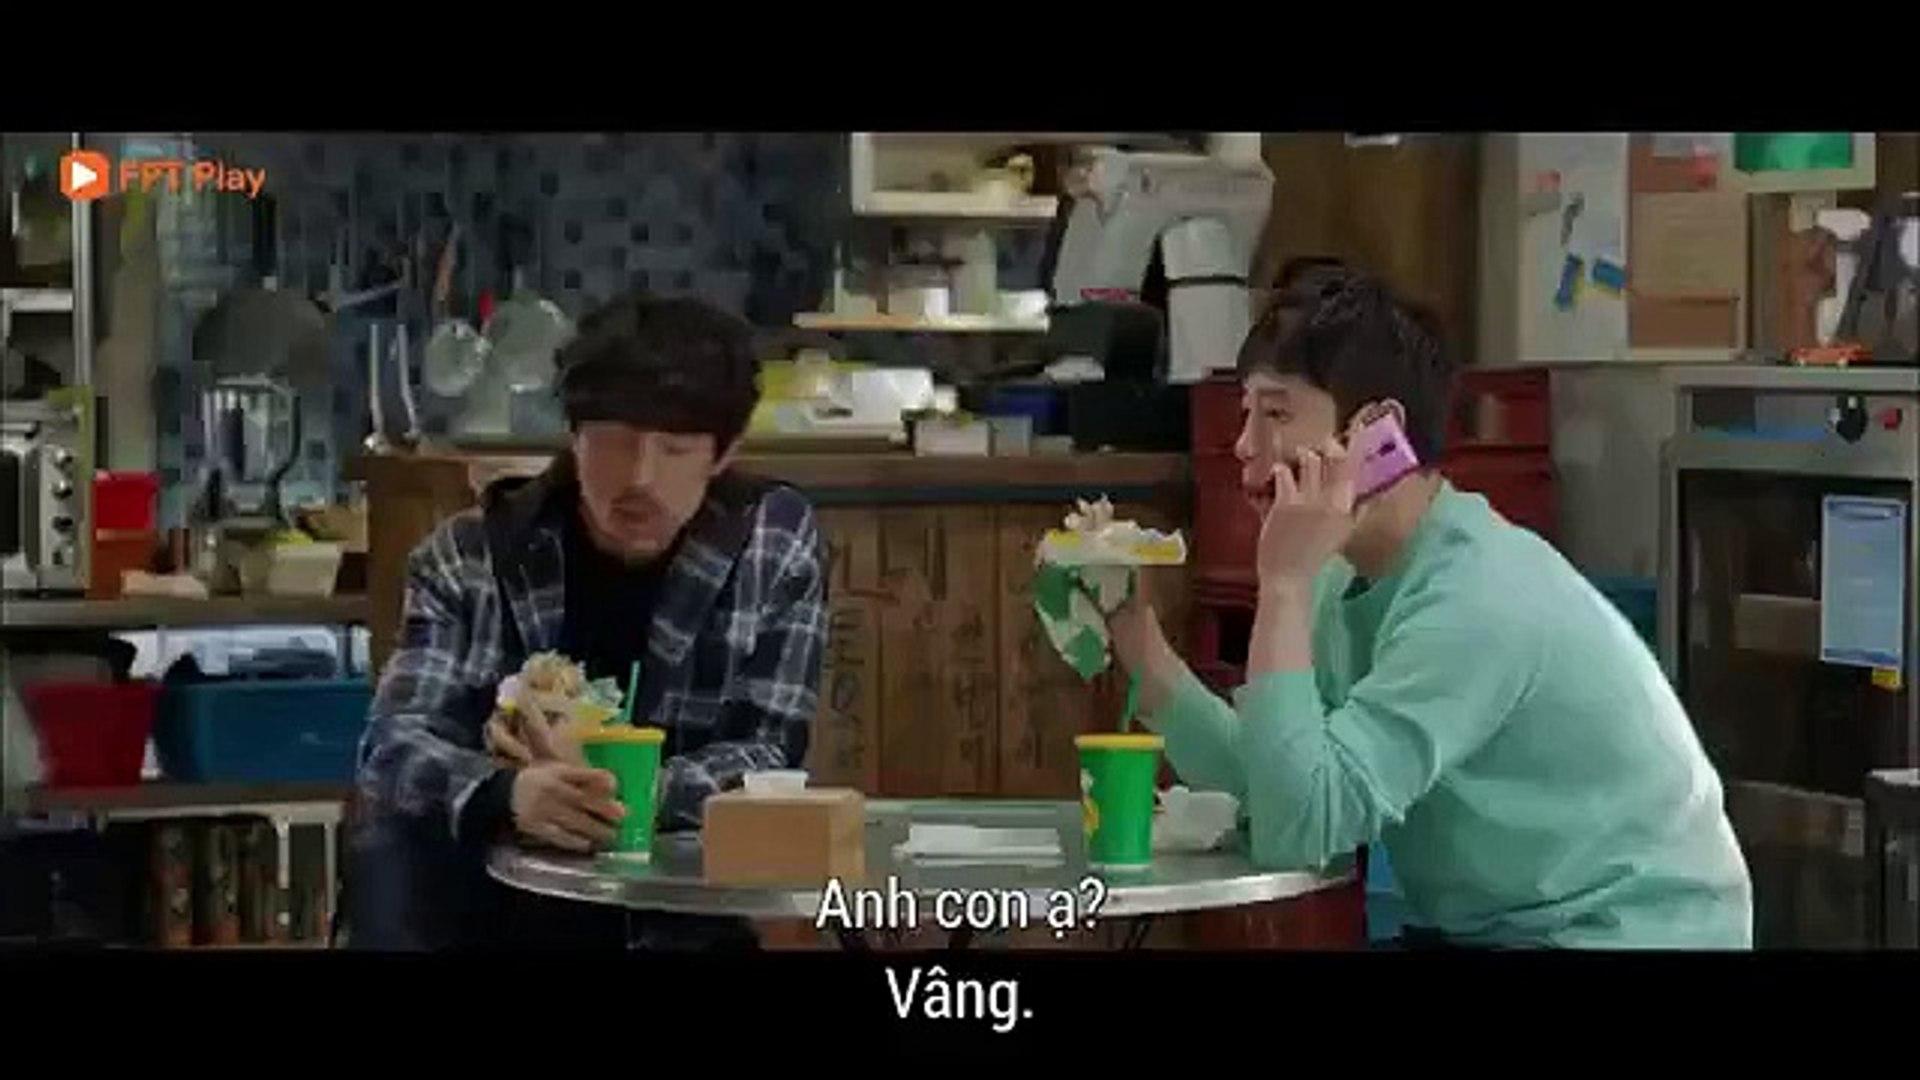 Bạn Trai Tập 24 - HTV2 Lồng Tiếng- Phim Hàn Quốc - Phim Ban Trai Tap 25 - Phim Ban Trai Tap 24